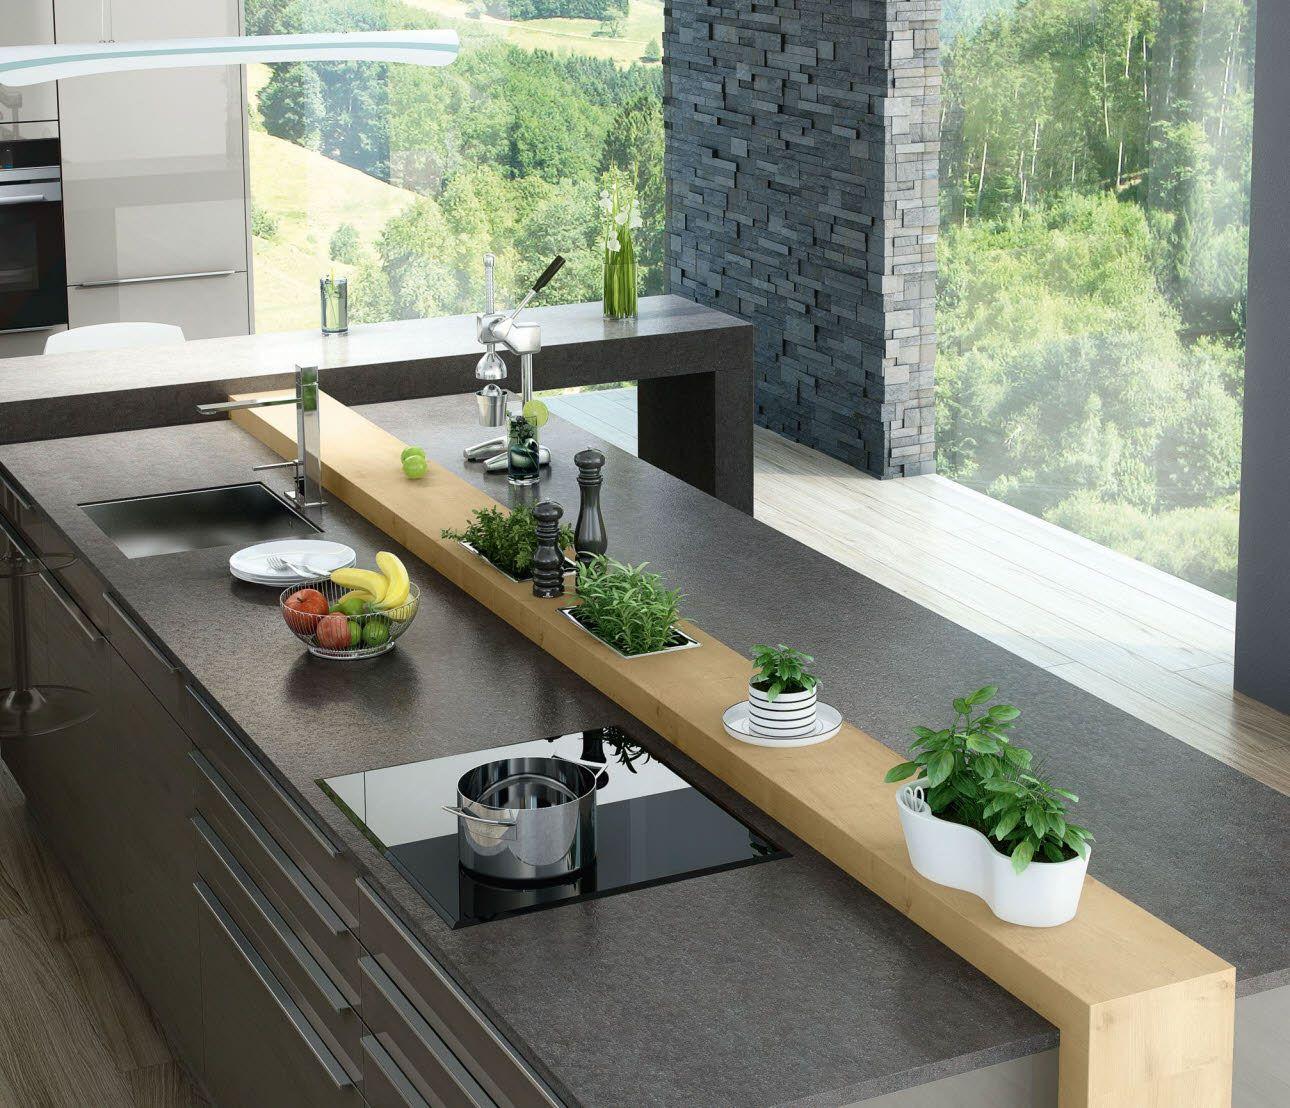 Gestalten sie ihre küche dura quarz kombiniert mit wildeiche  robyn  pinterest  praktisch